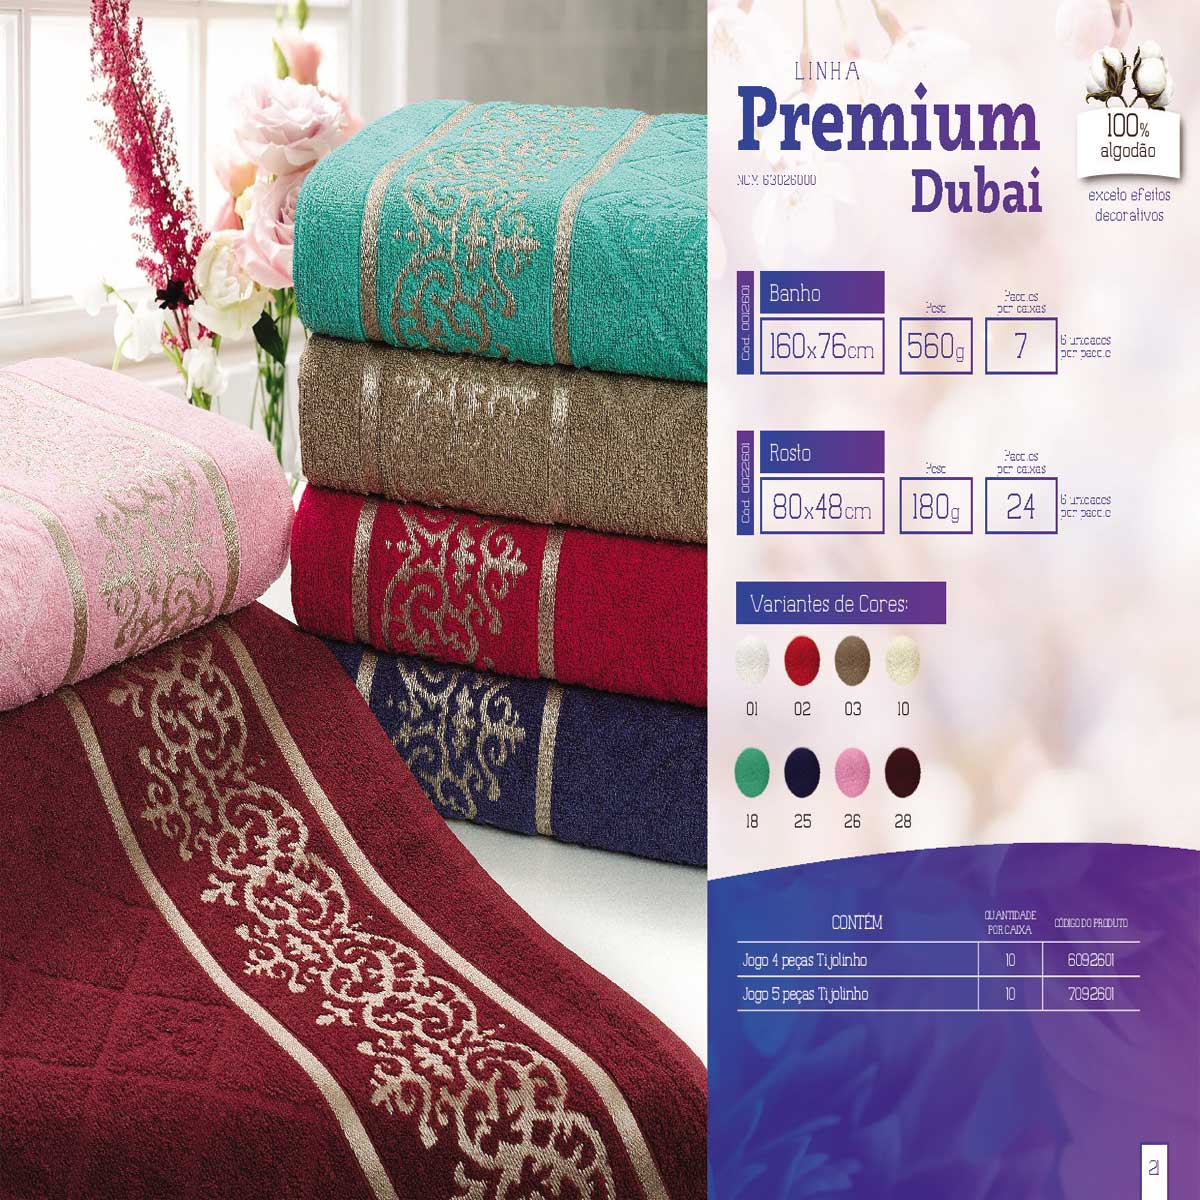 Jogo De Banho 2 Peças Linha Premium Dubai 100% Algodão Mafratex